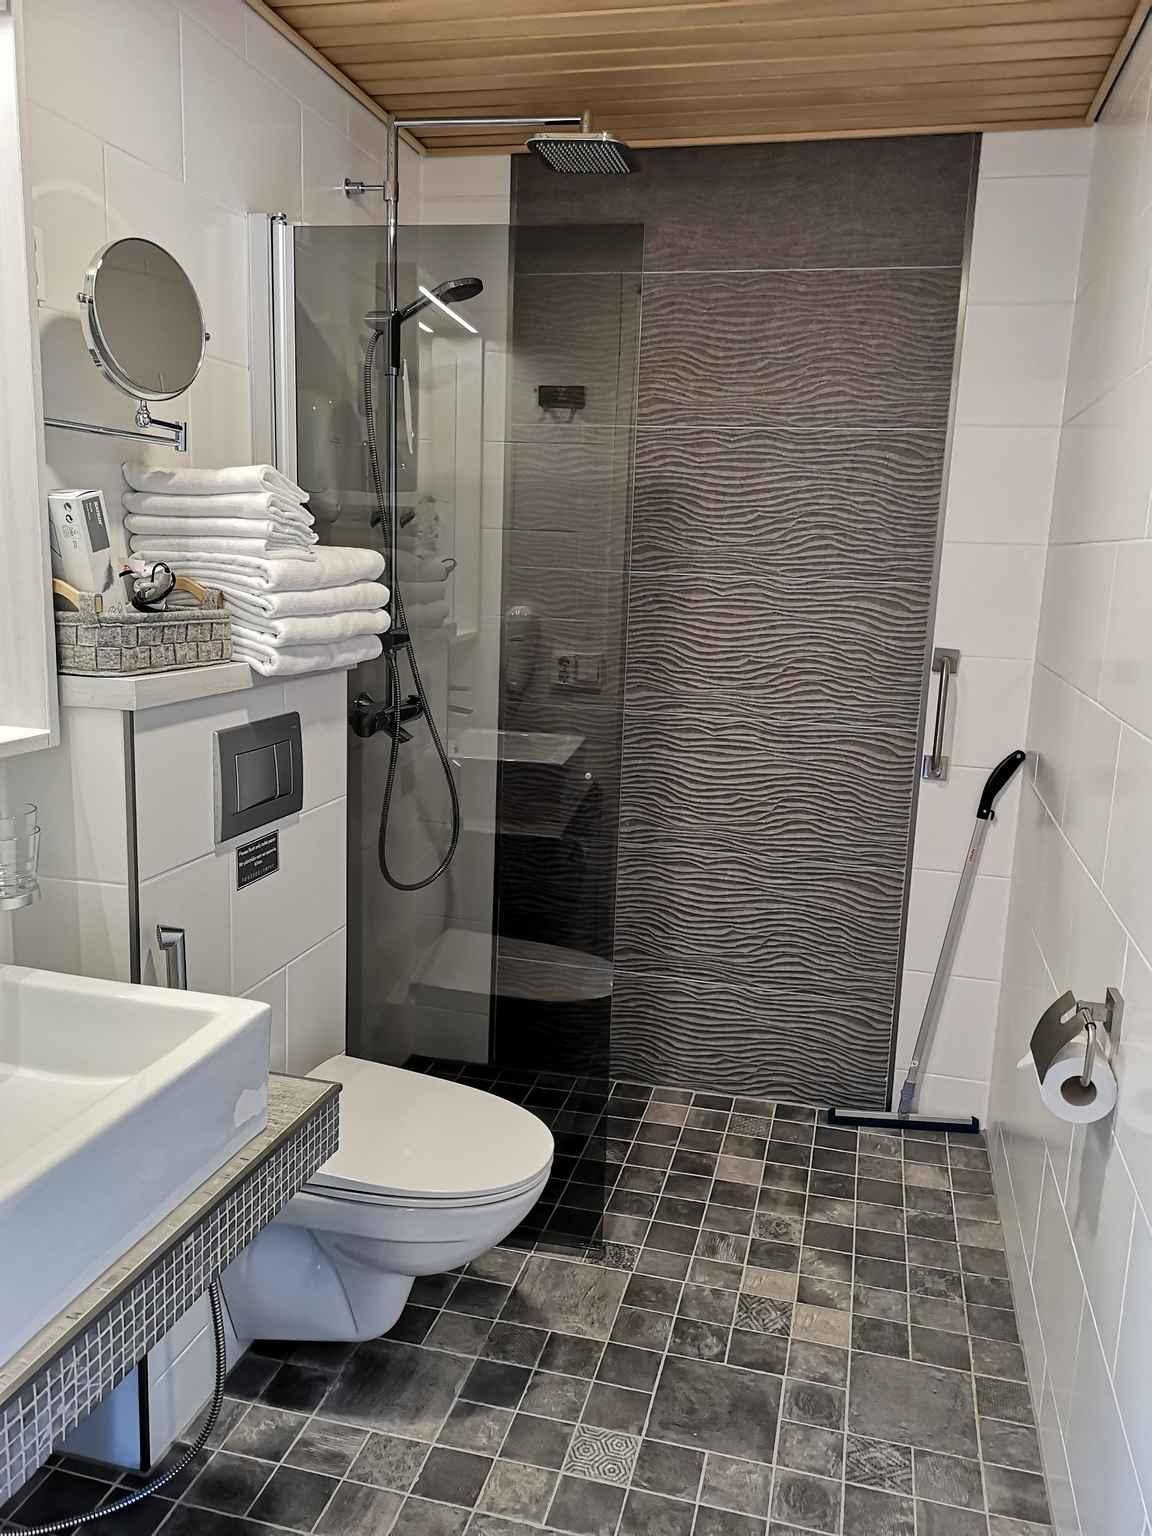 Kylpyhuone suihkulla.